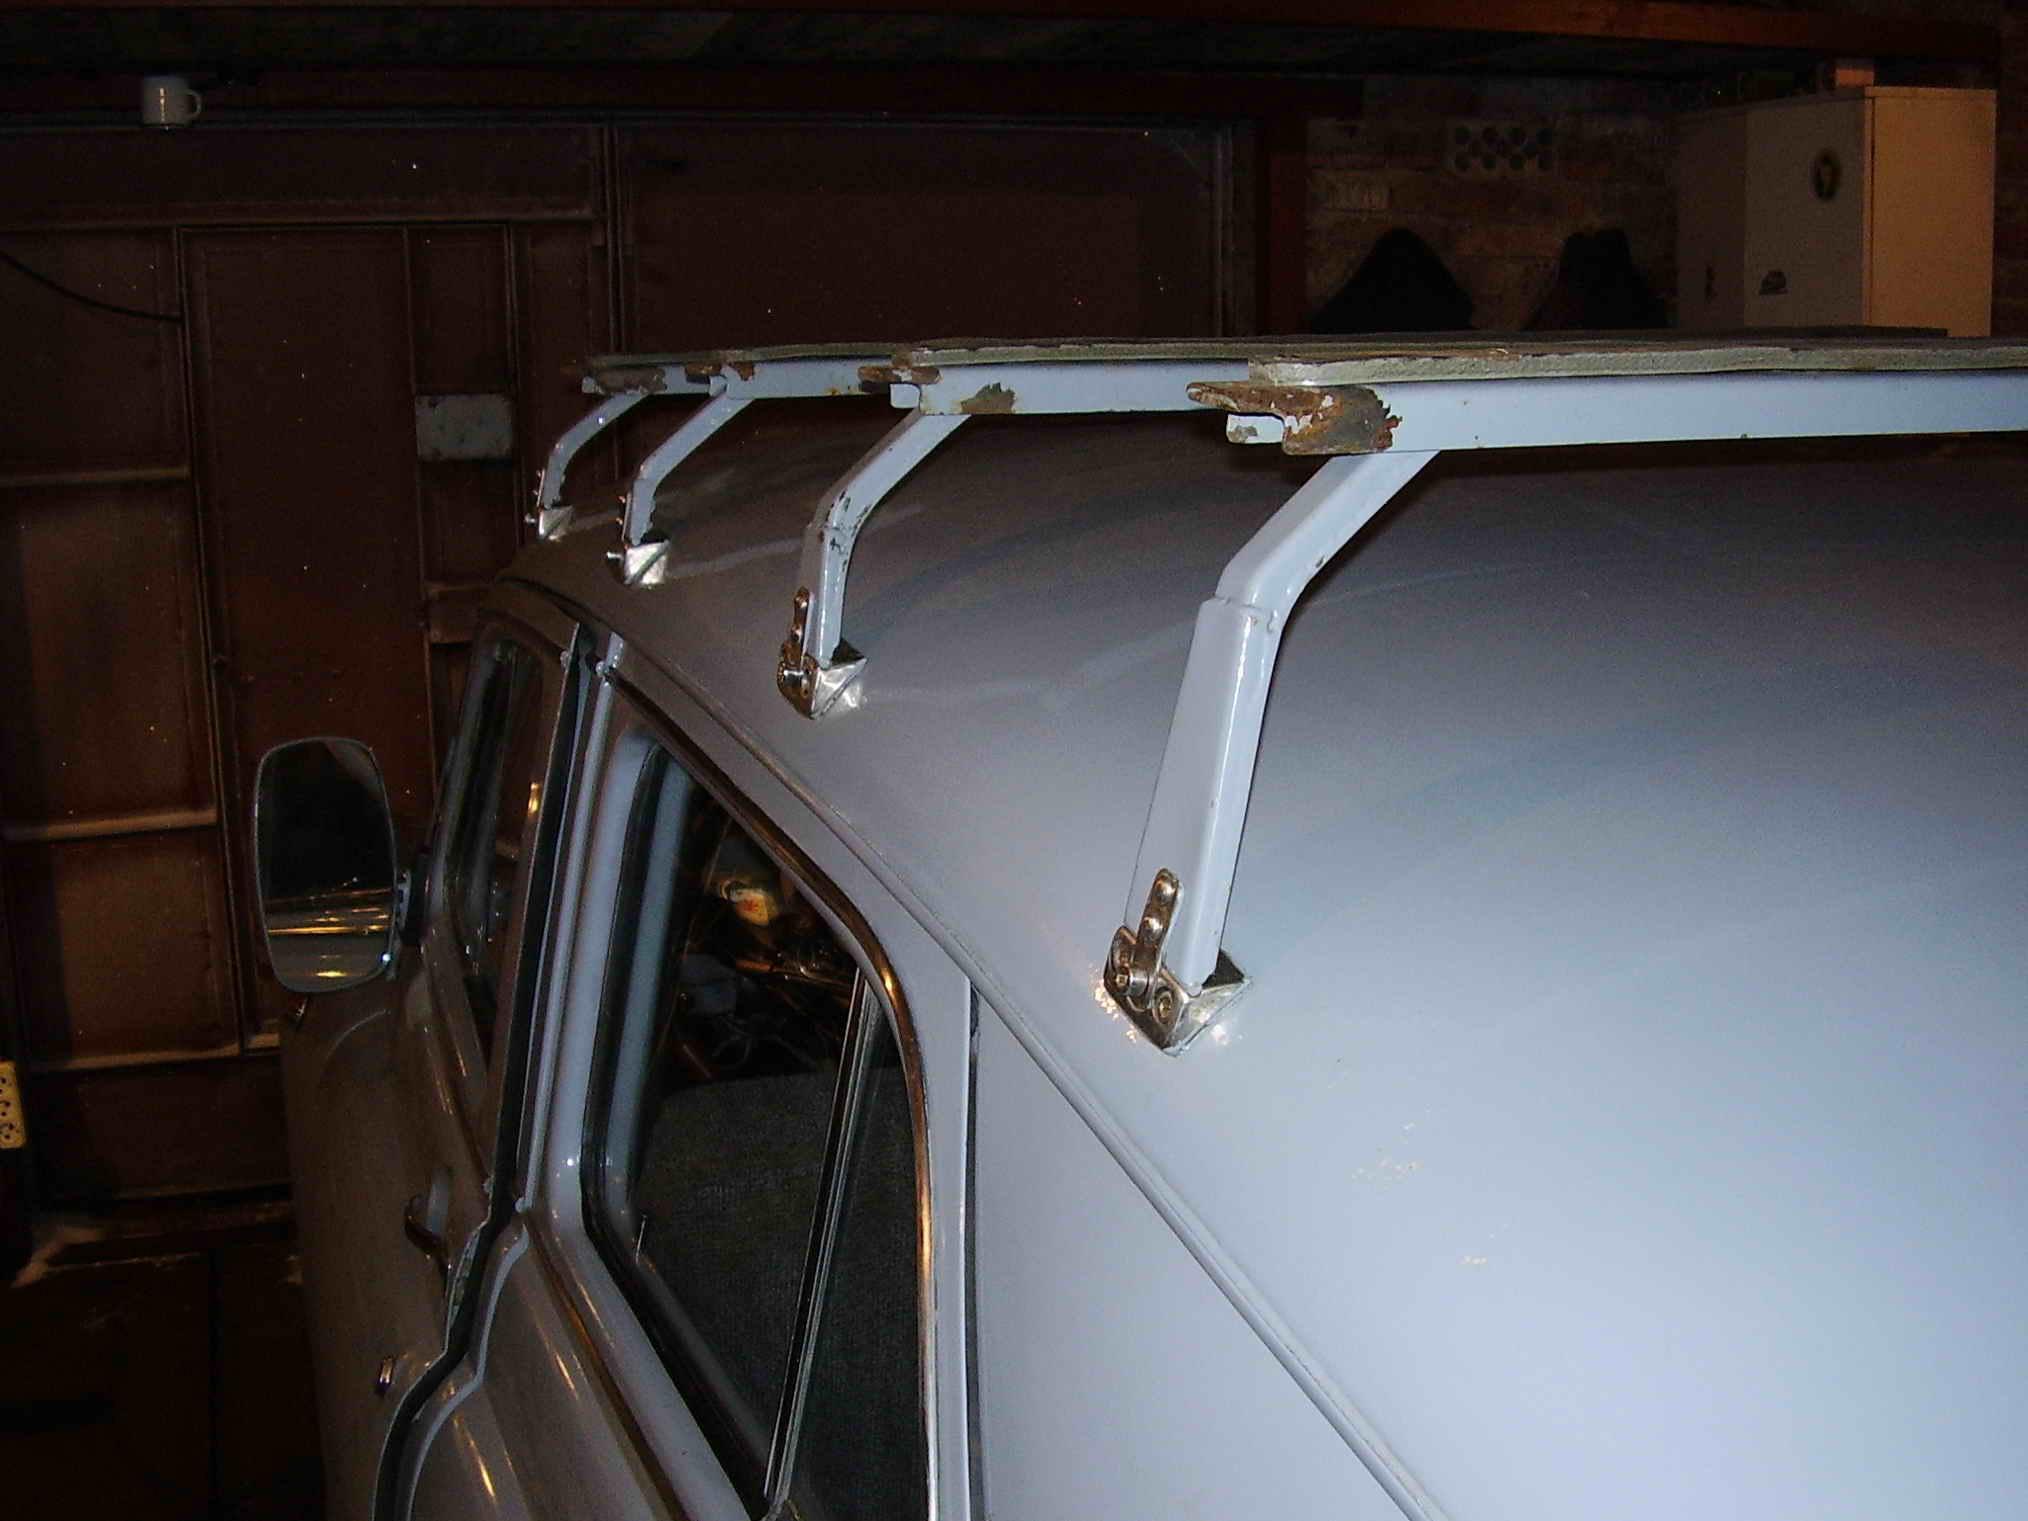 Как сделать багажник на крышу автомобиля своими руками фото и чертежи